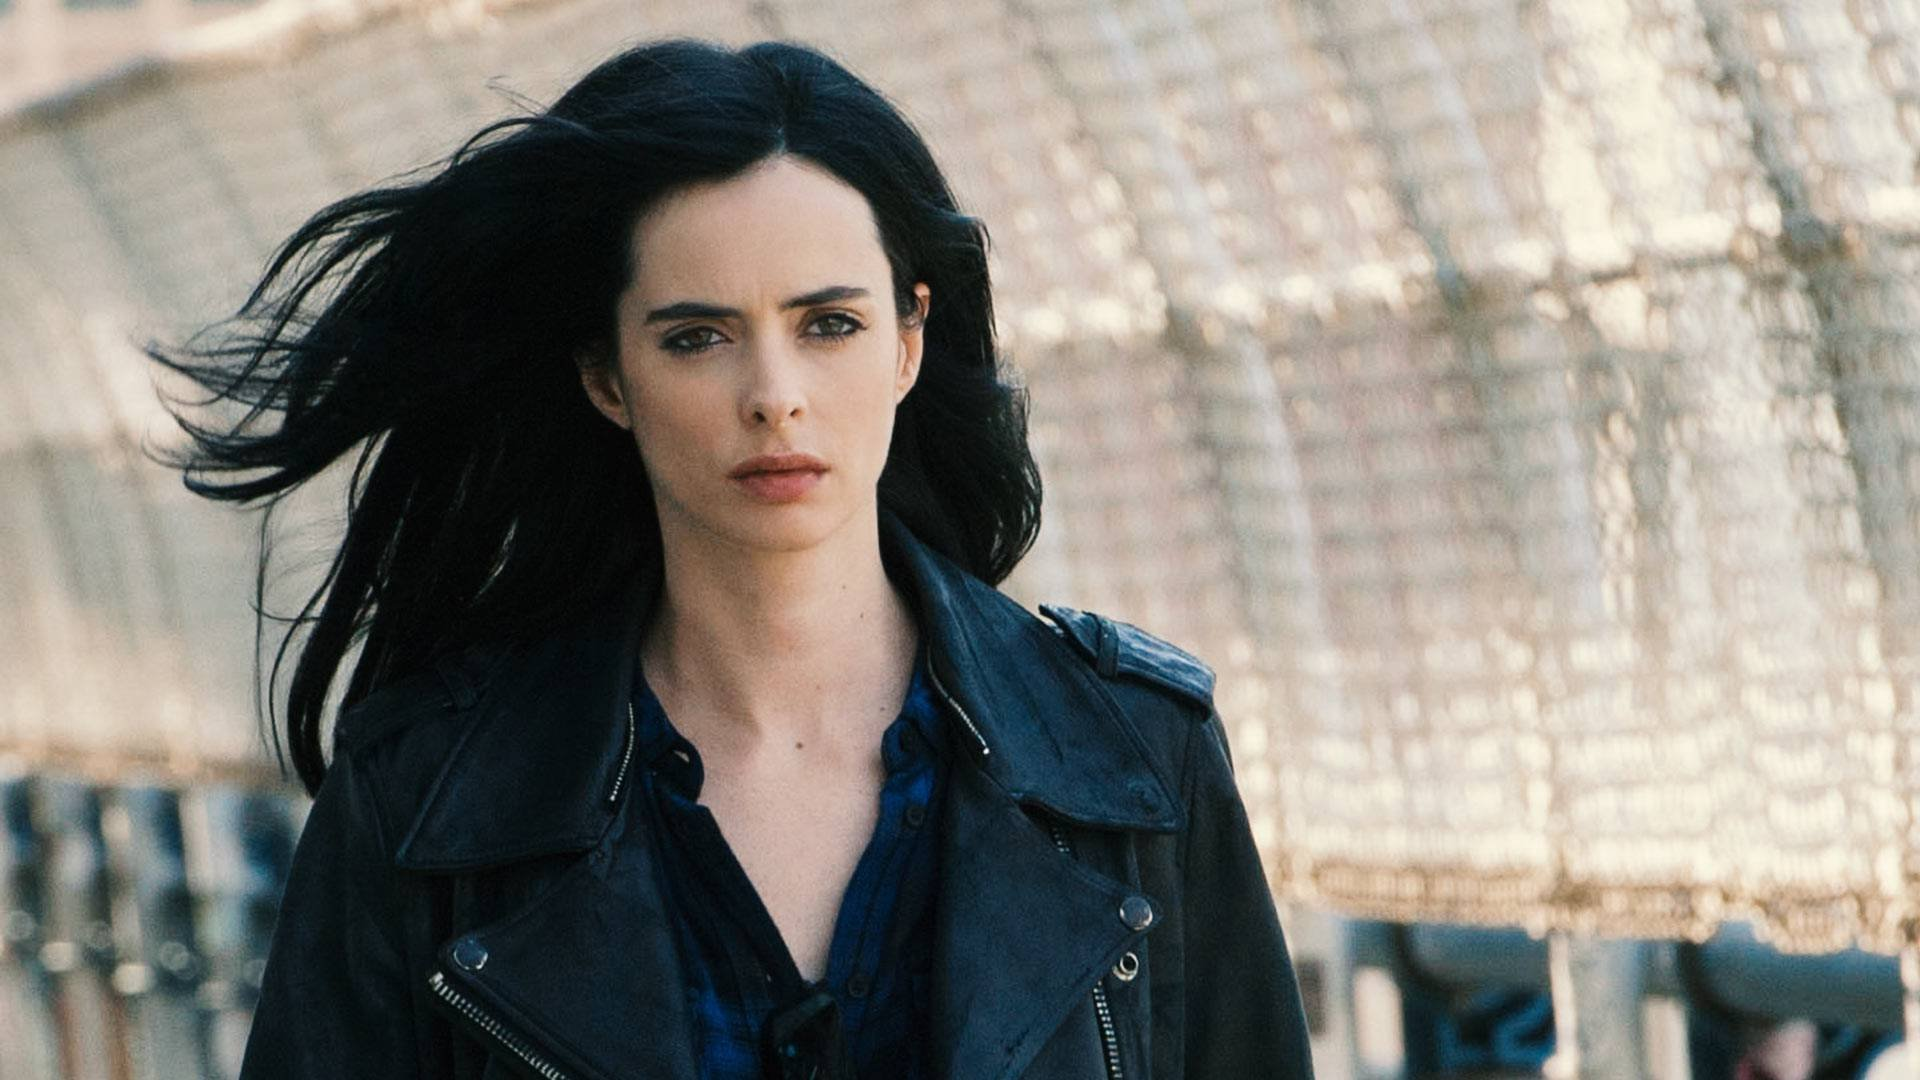 A protagonista da série, andando em um túnel, com o vento em seus cabelos e expressão séria.